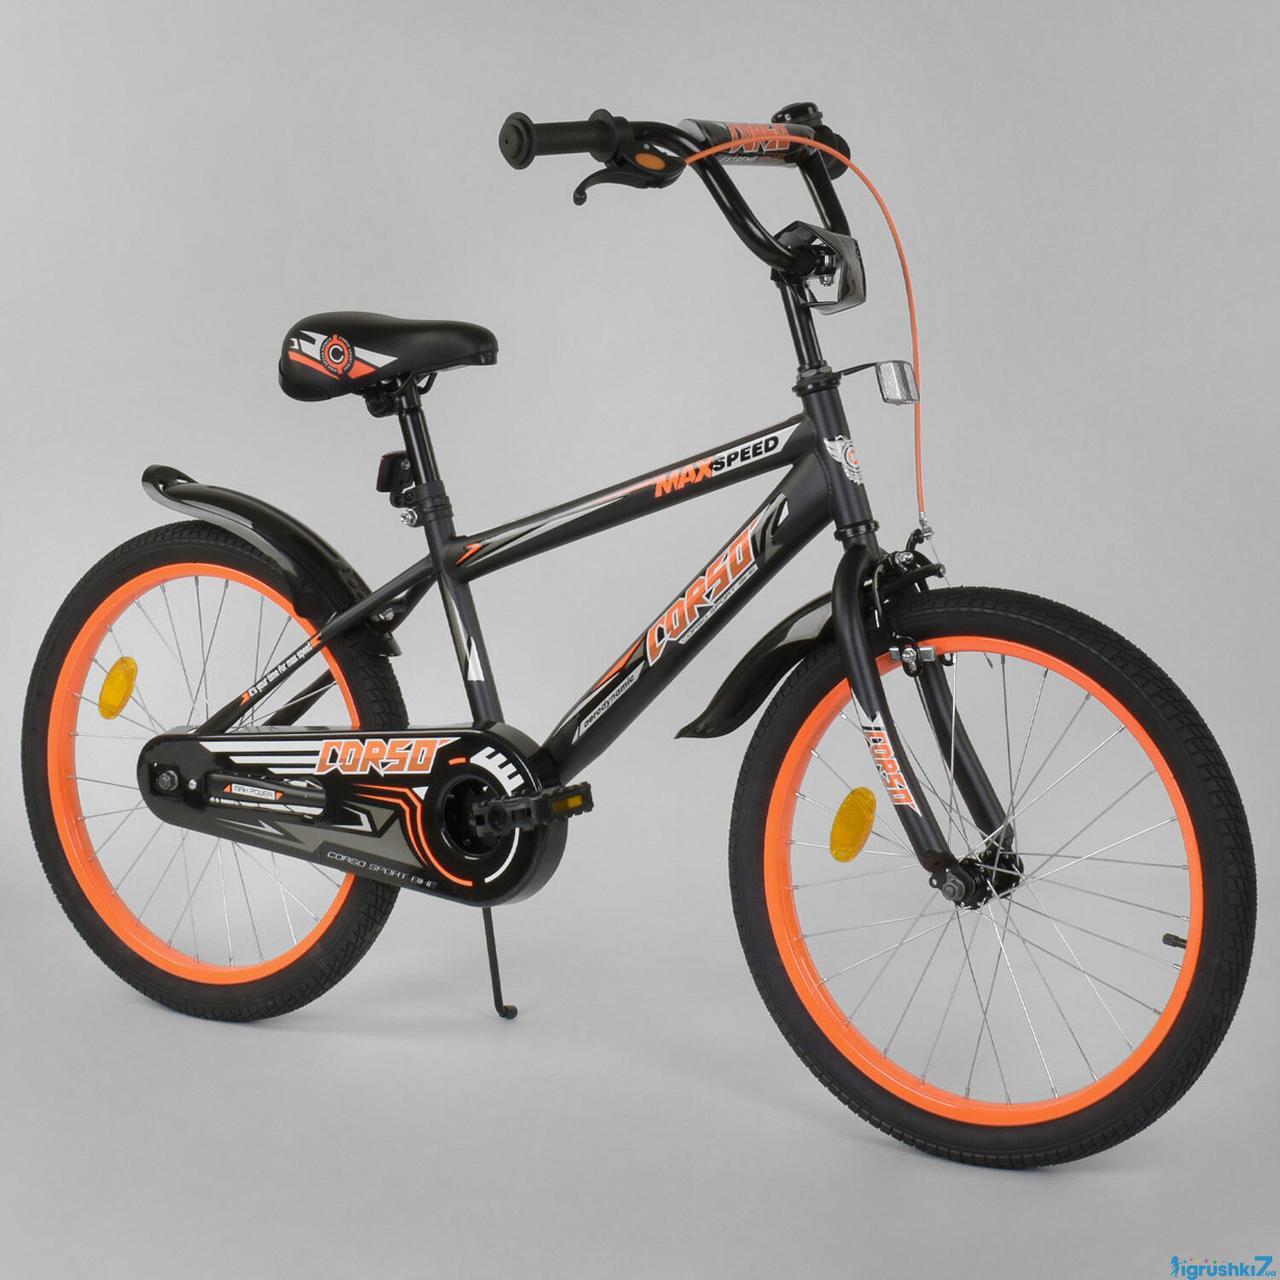 Двухколесный детский велосипед 20 дюймов CORSO EX-20 N 4588 черный